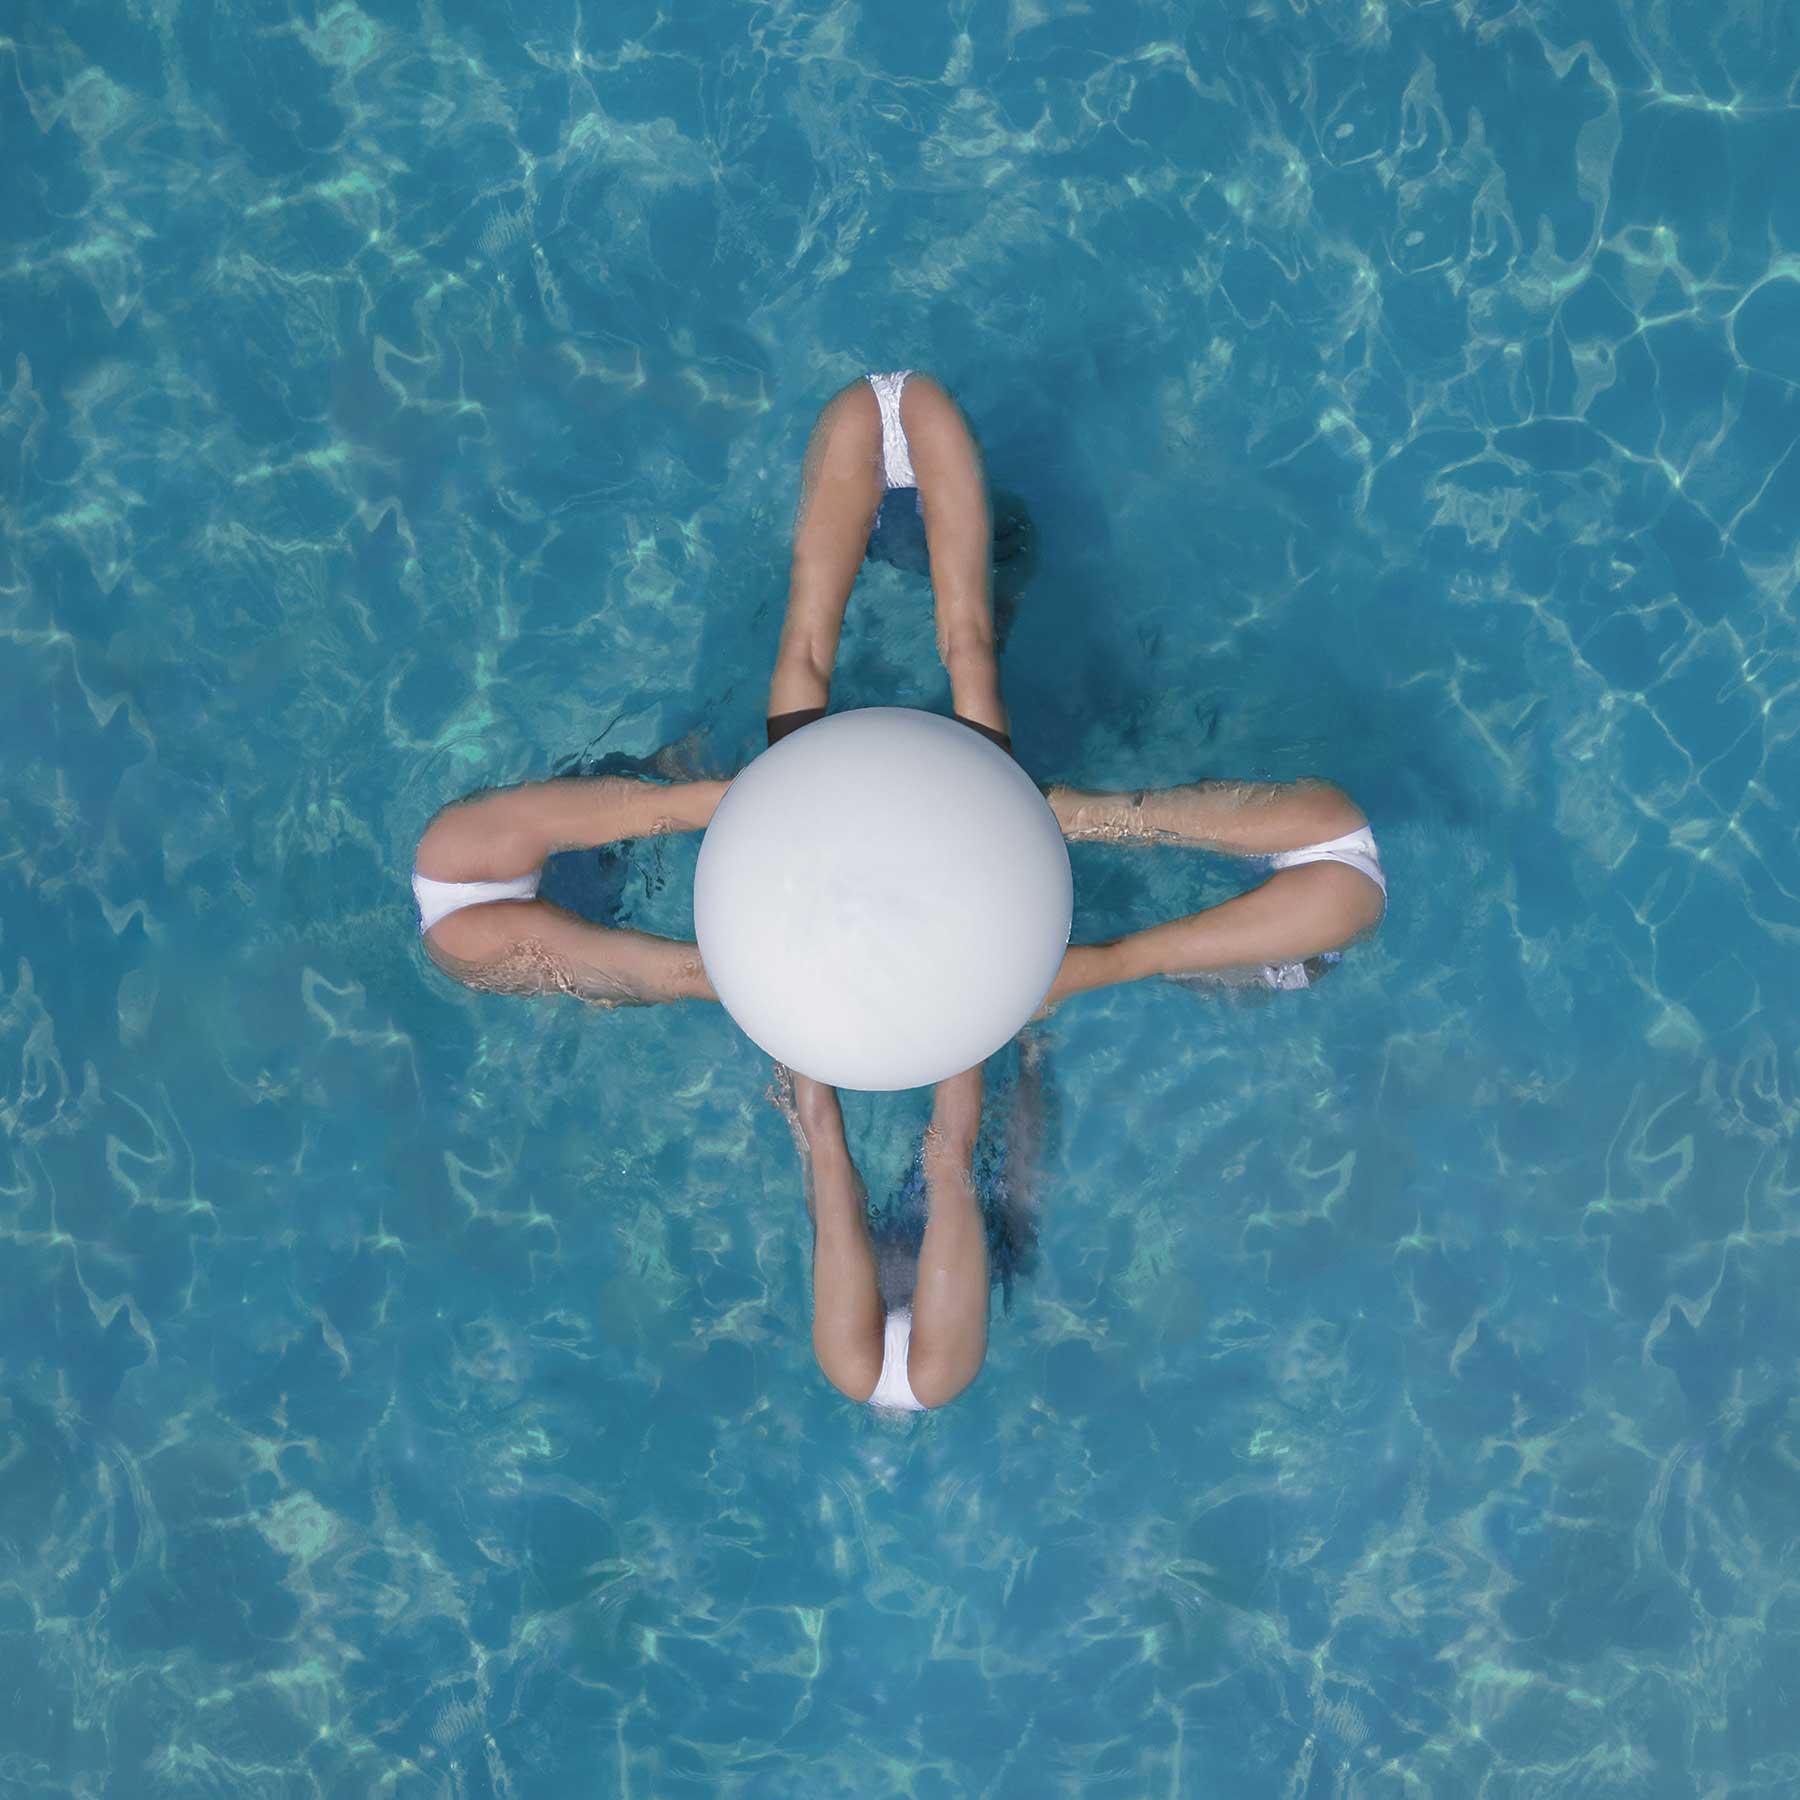 Synchronschwimmen-Luftaufnahmen von Brad Walls Water-Geomaids-Brad-Walls_08